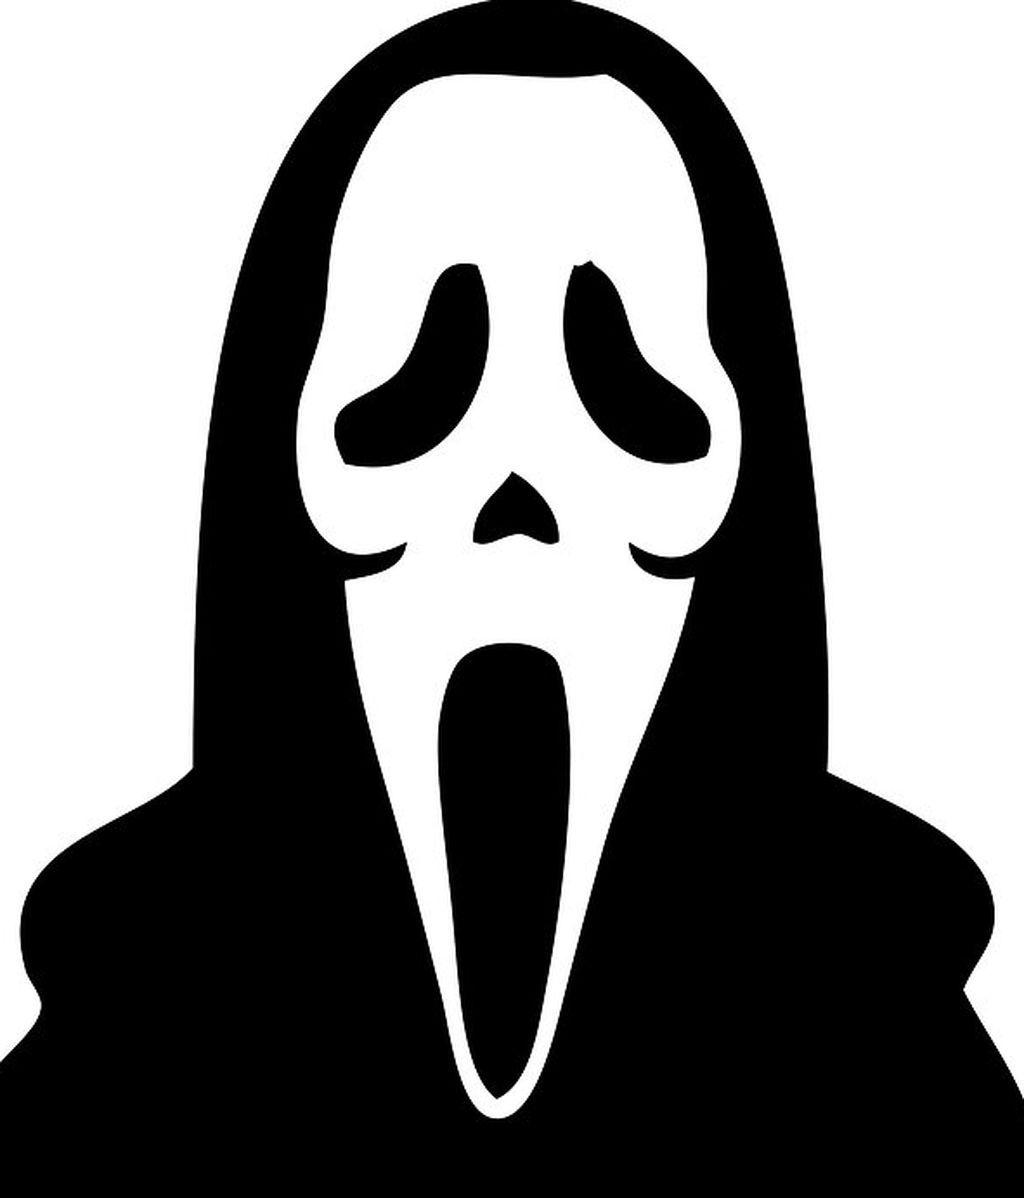 Gana un premio de la Lotería y oculta su identidad con una careta de 'Scream'